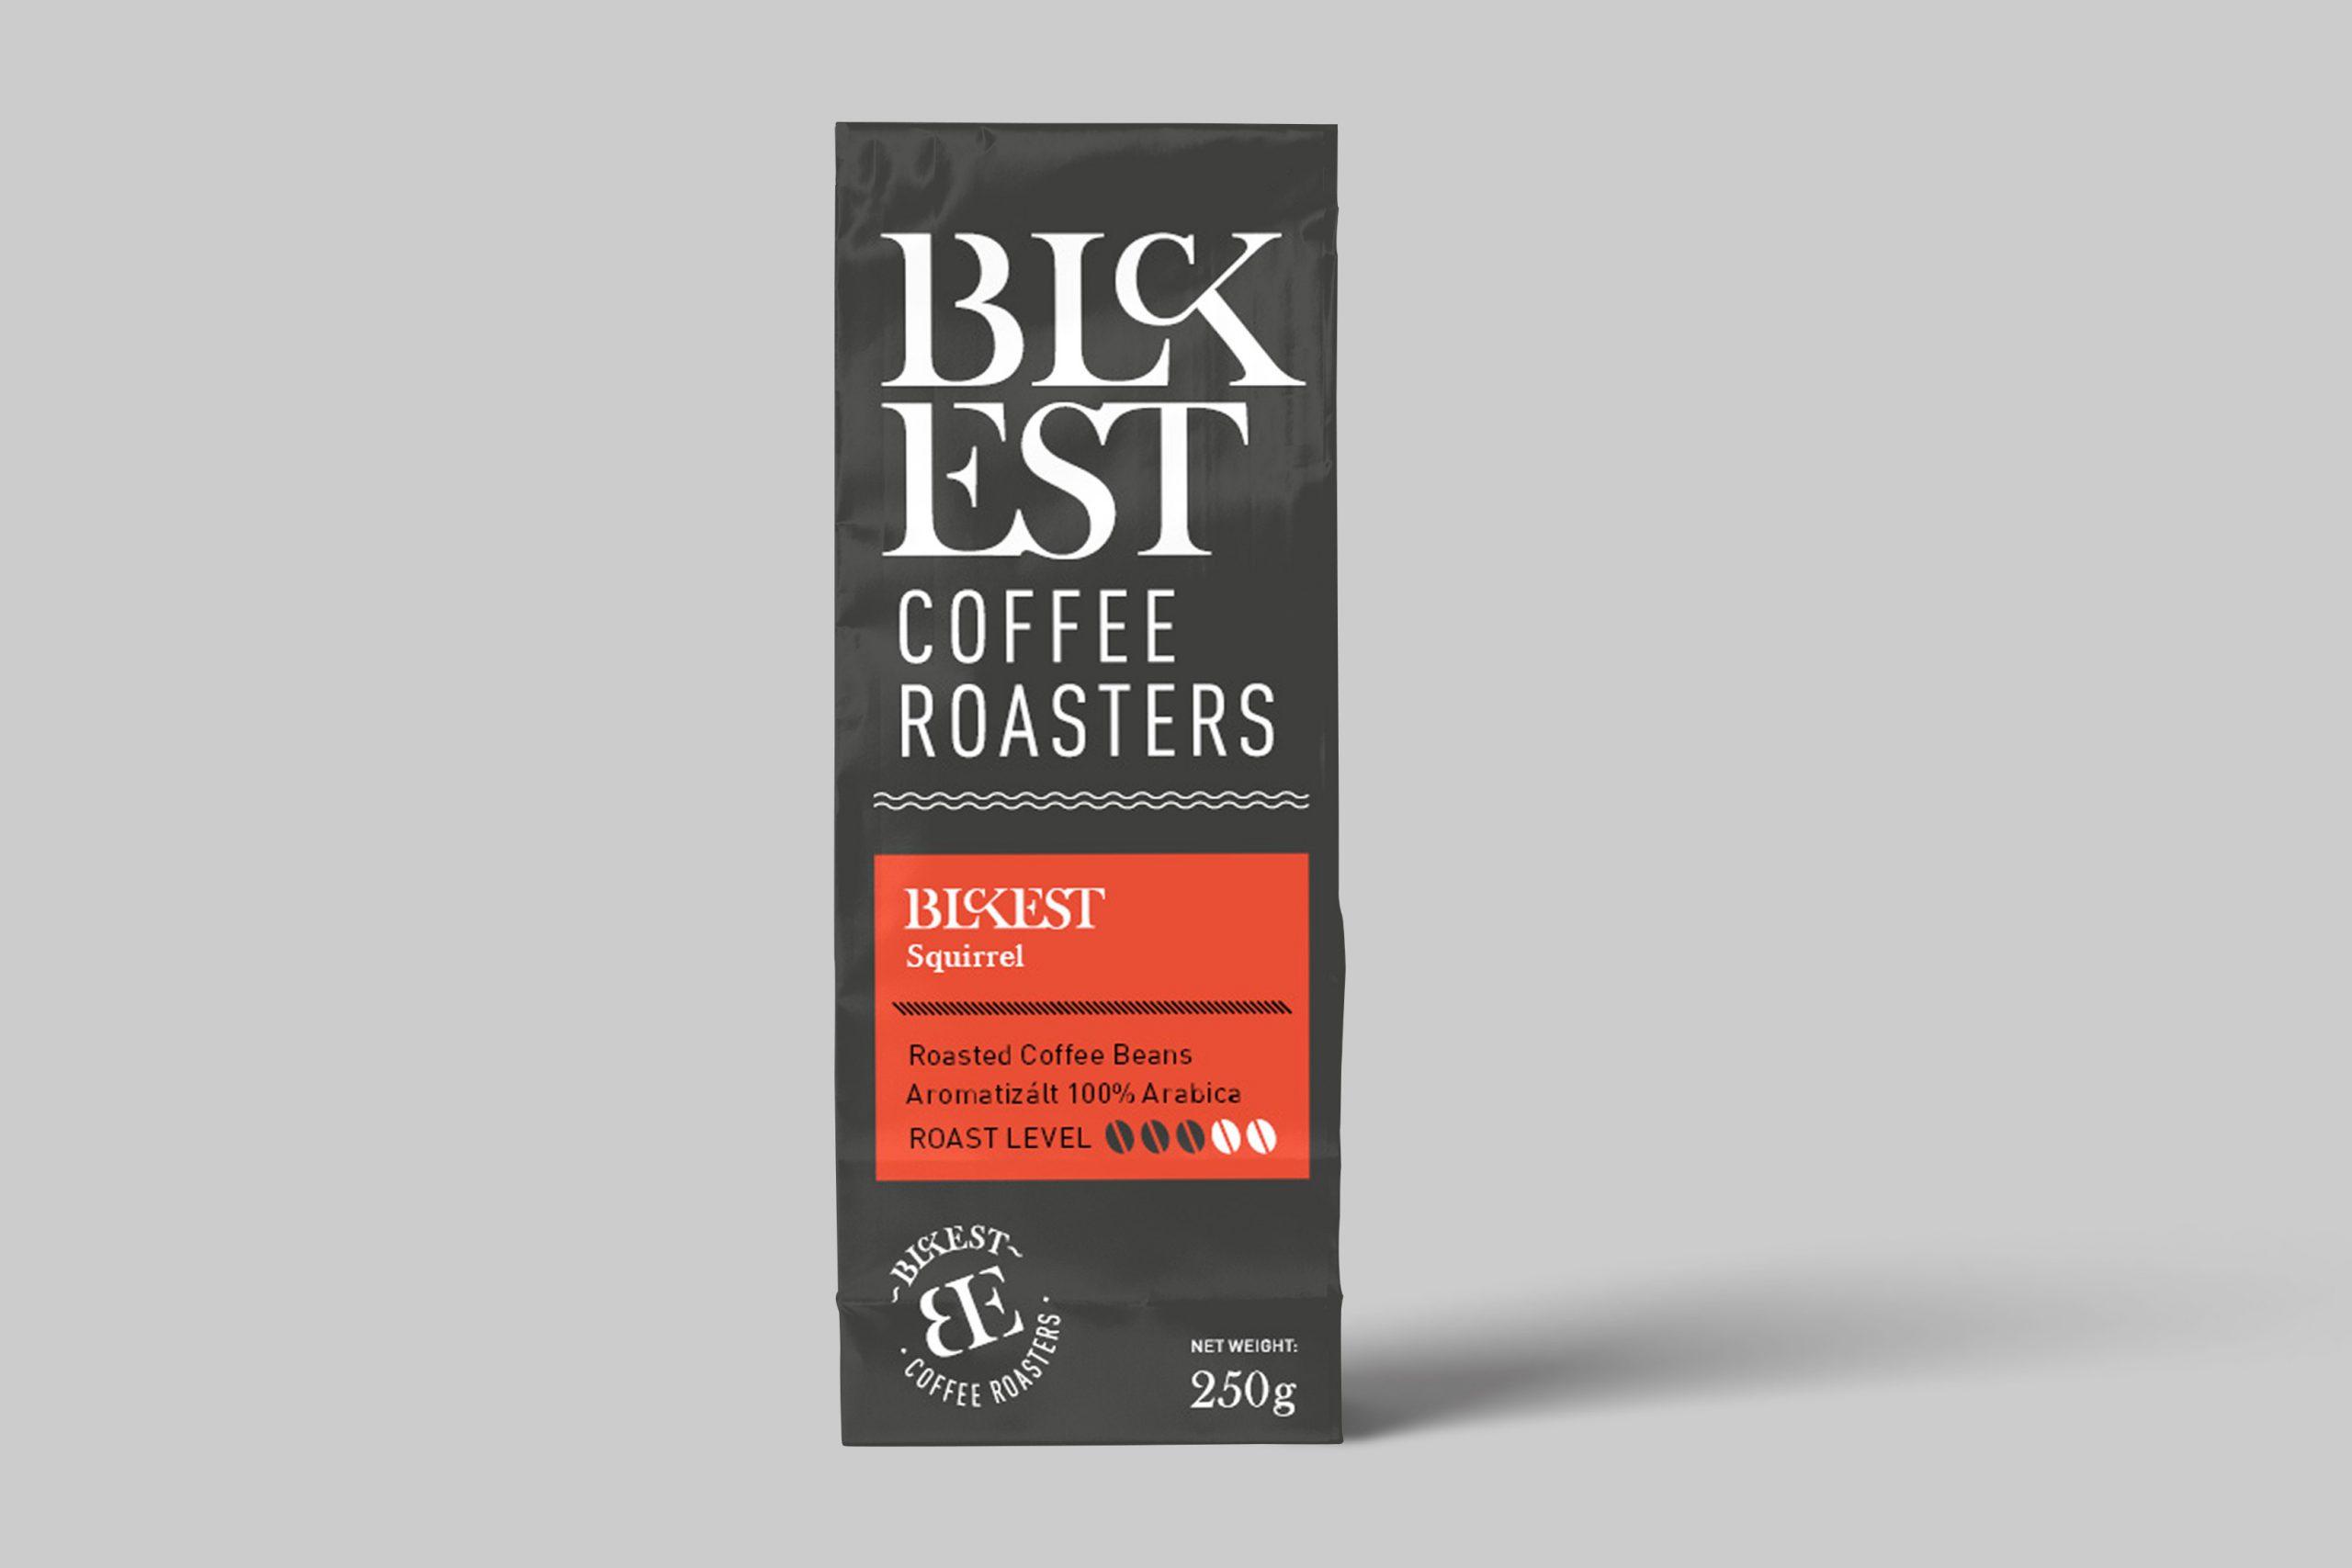 BLCKEST Squirrel (hazelnut) - Flavored Coffee